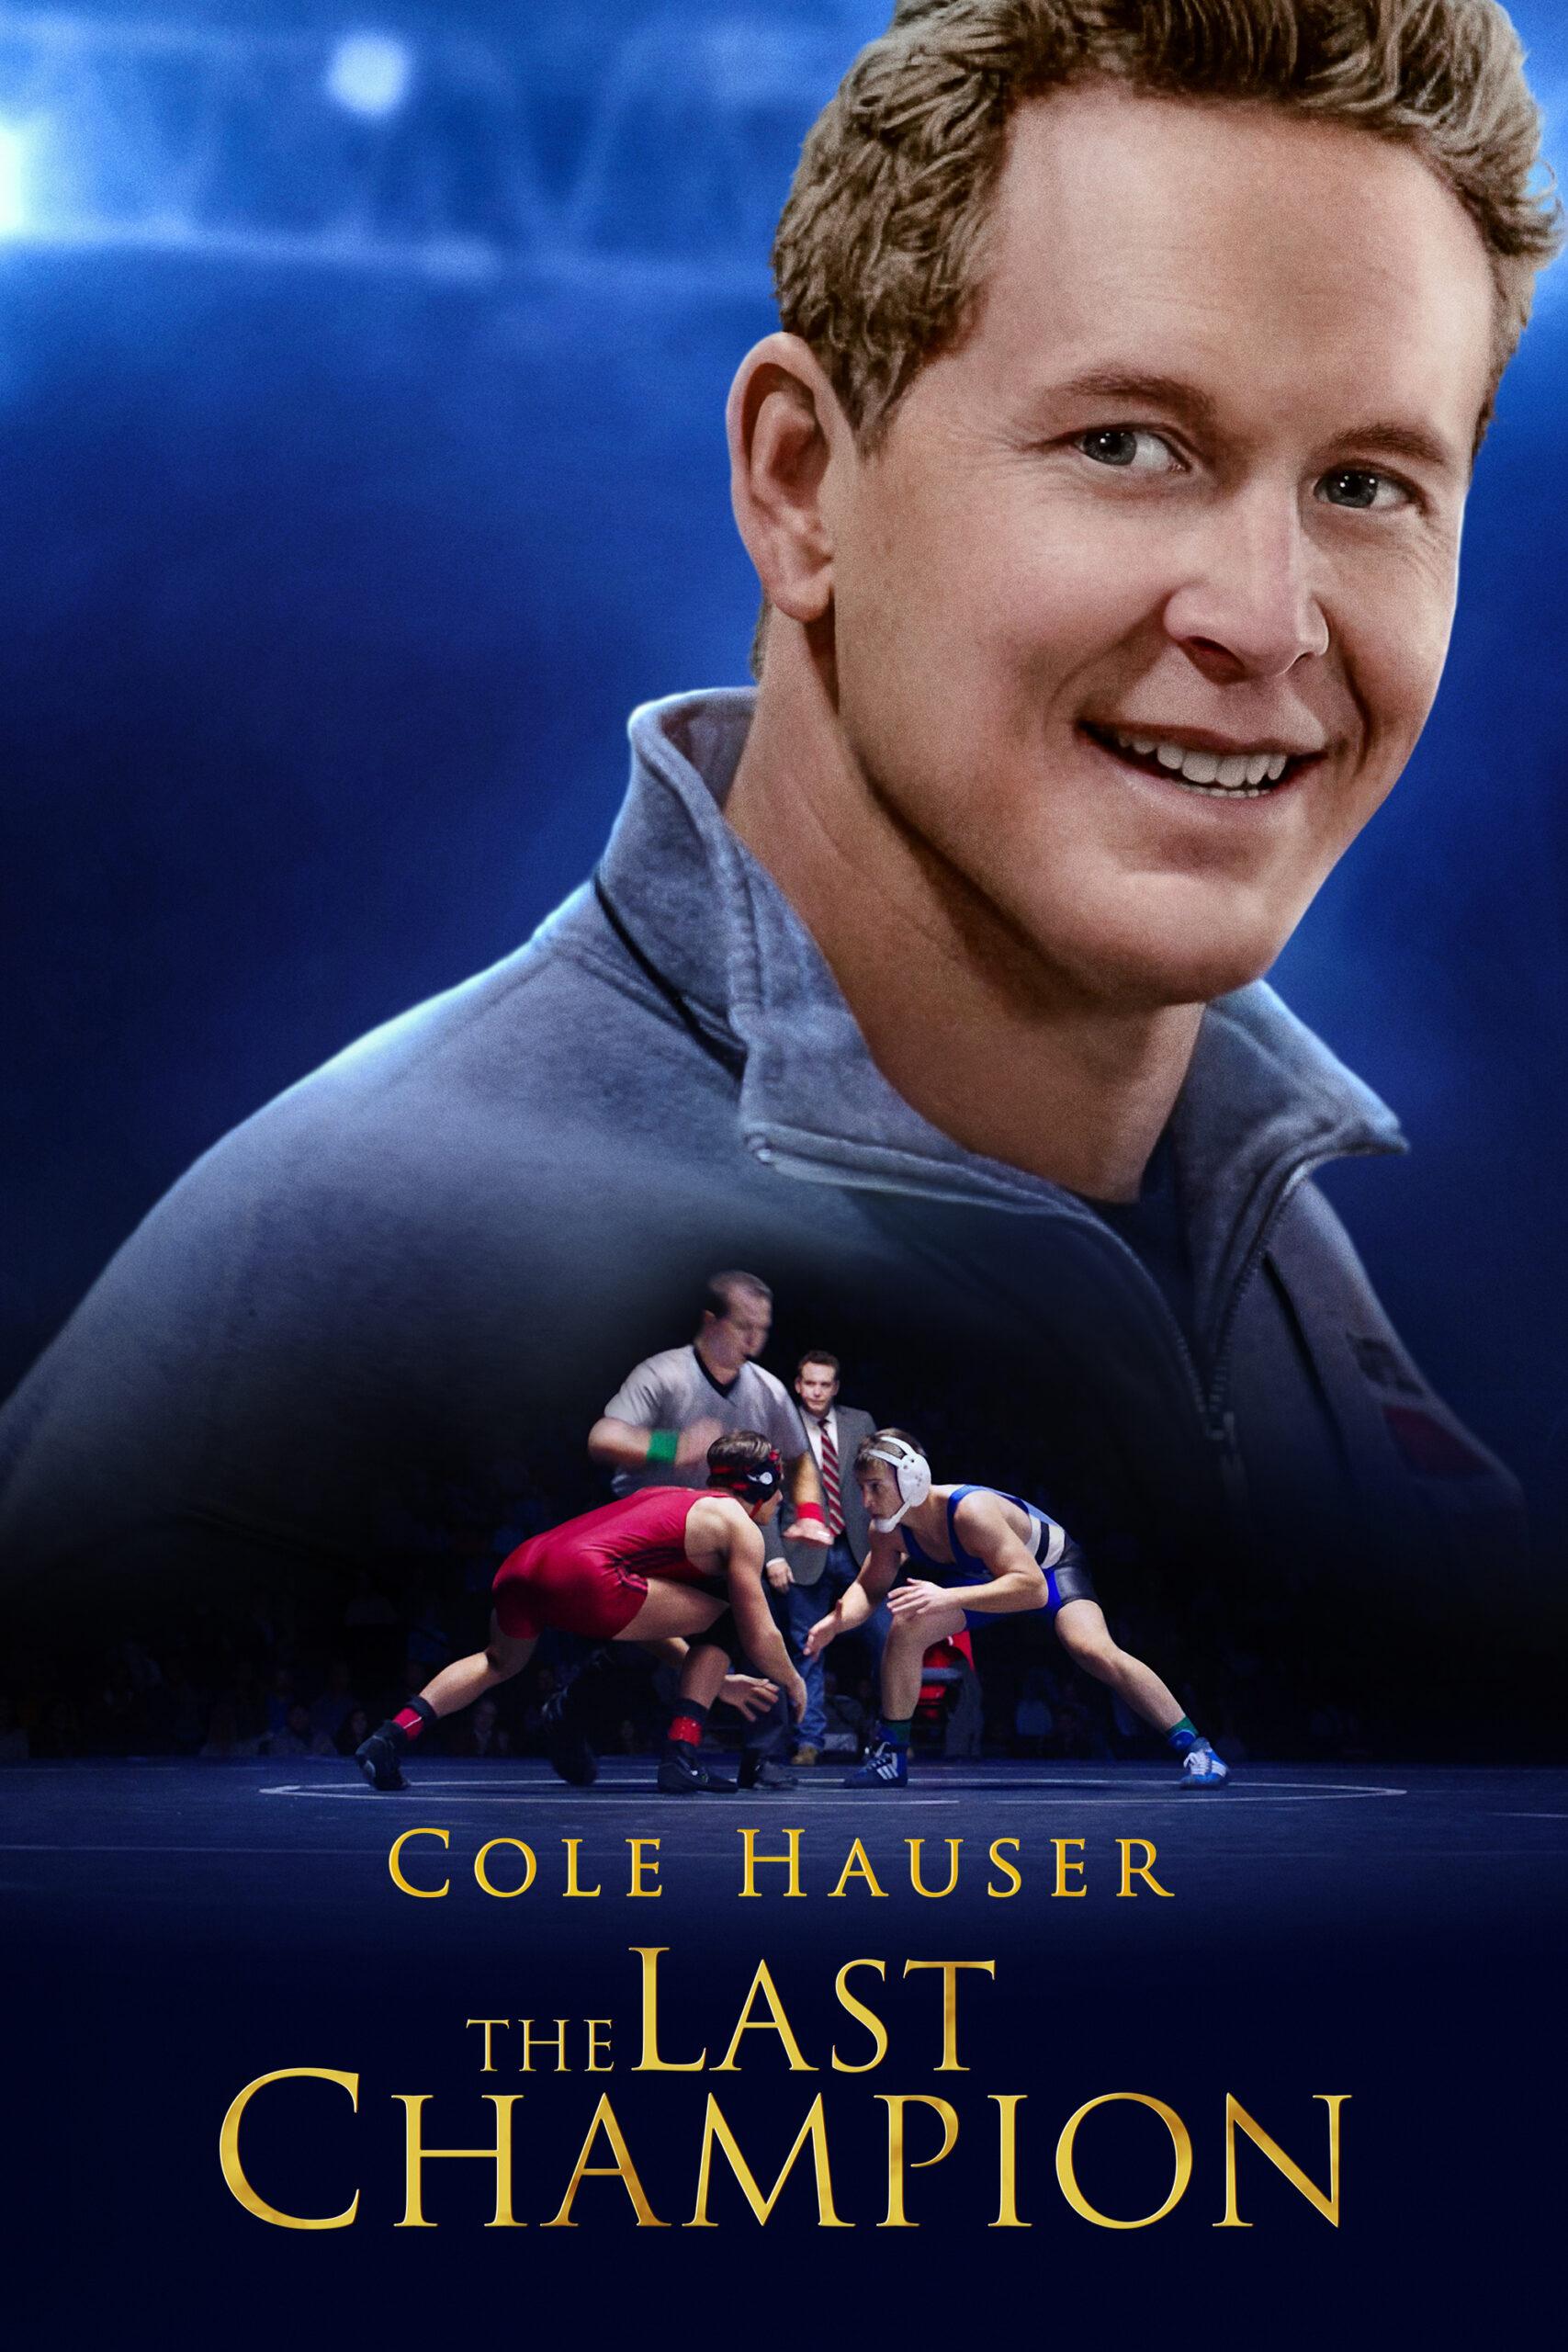 ดูหนังออนไลน์ฟรี The Last Champion (2020)